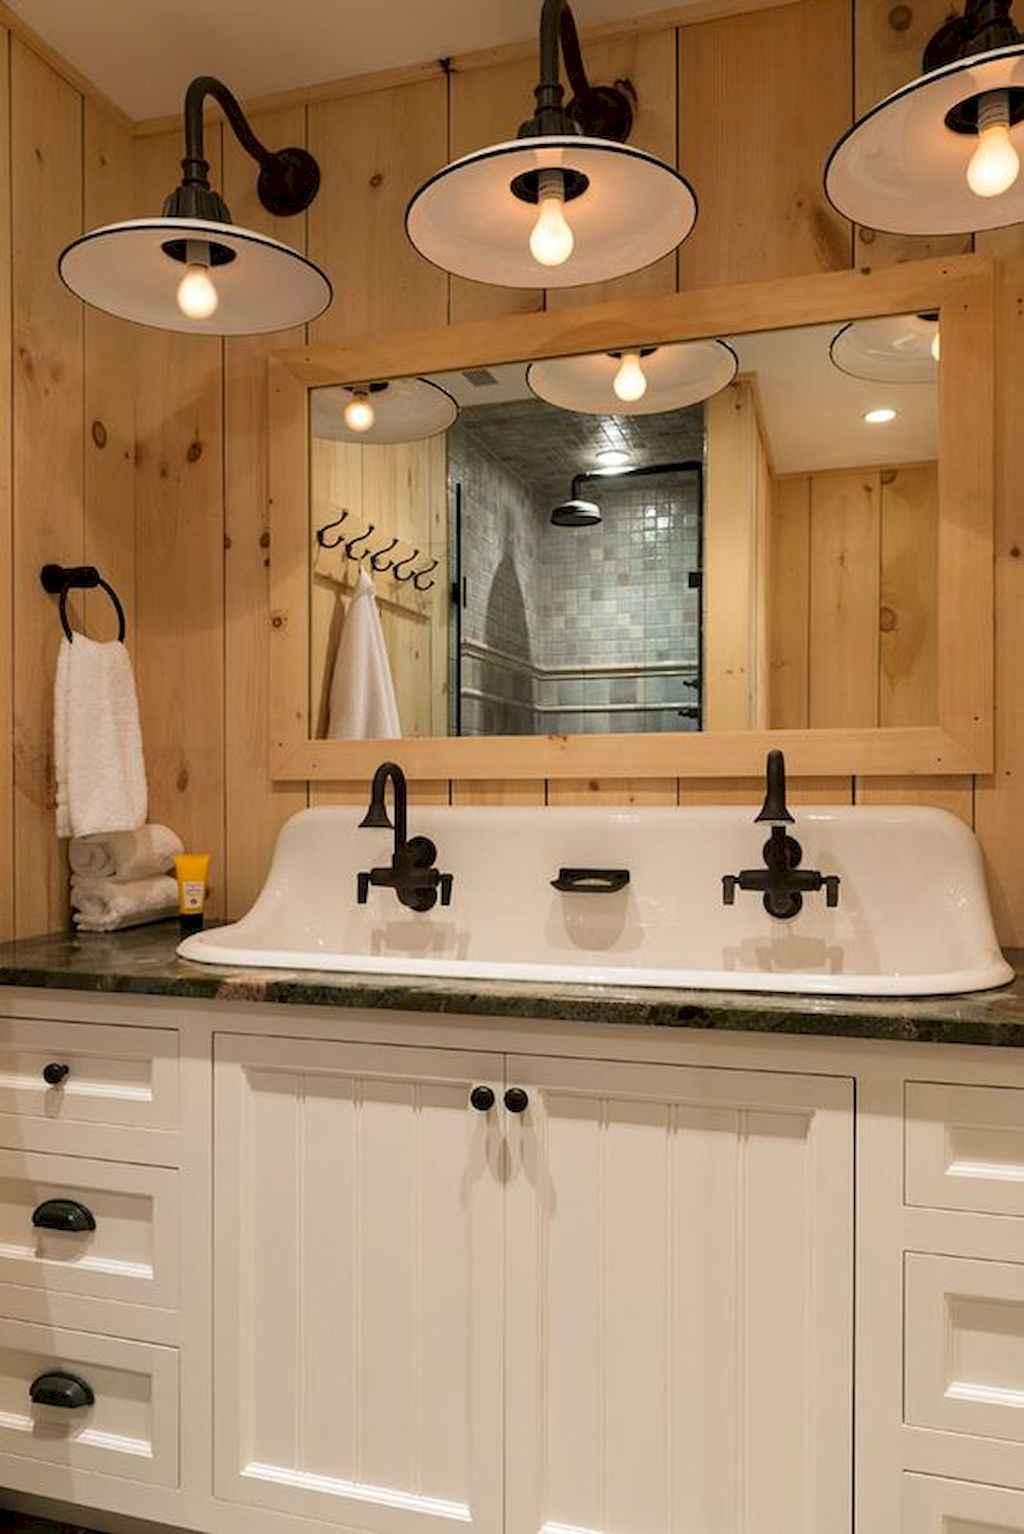 110 Fabulous Farmhouse Bathroom Decor Ideas 71